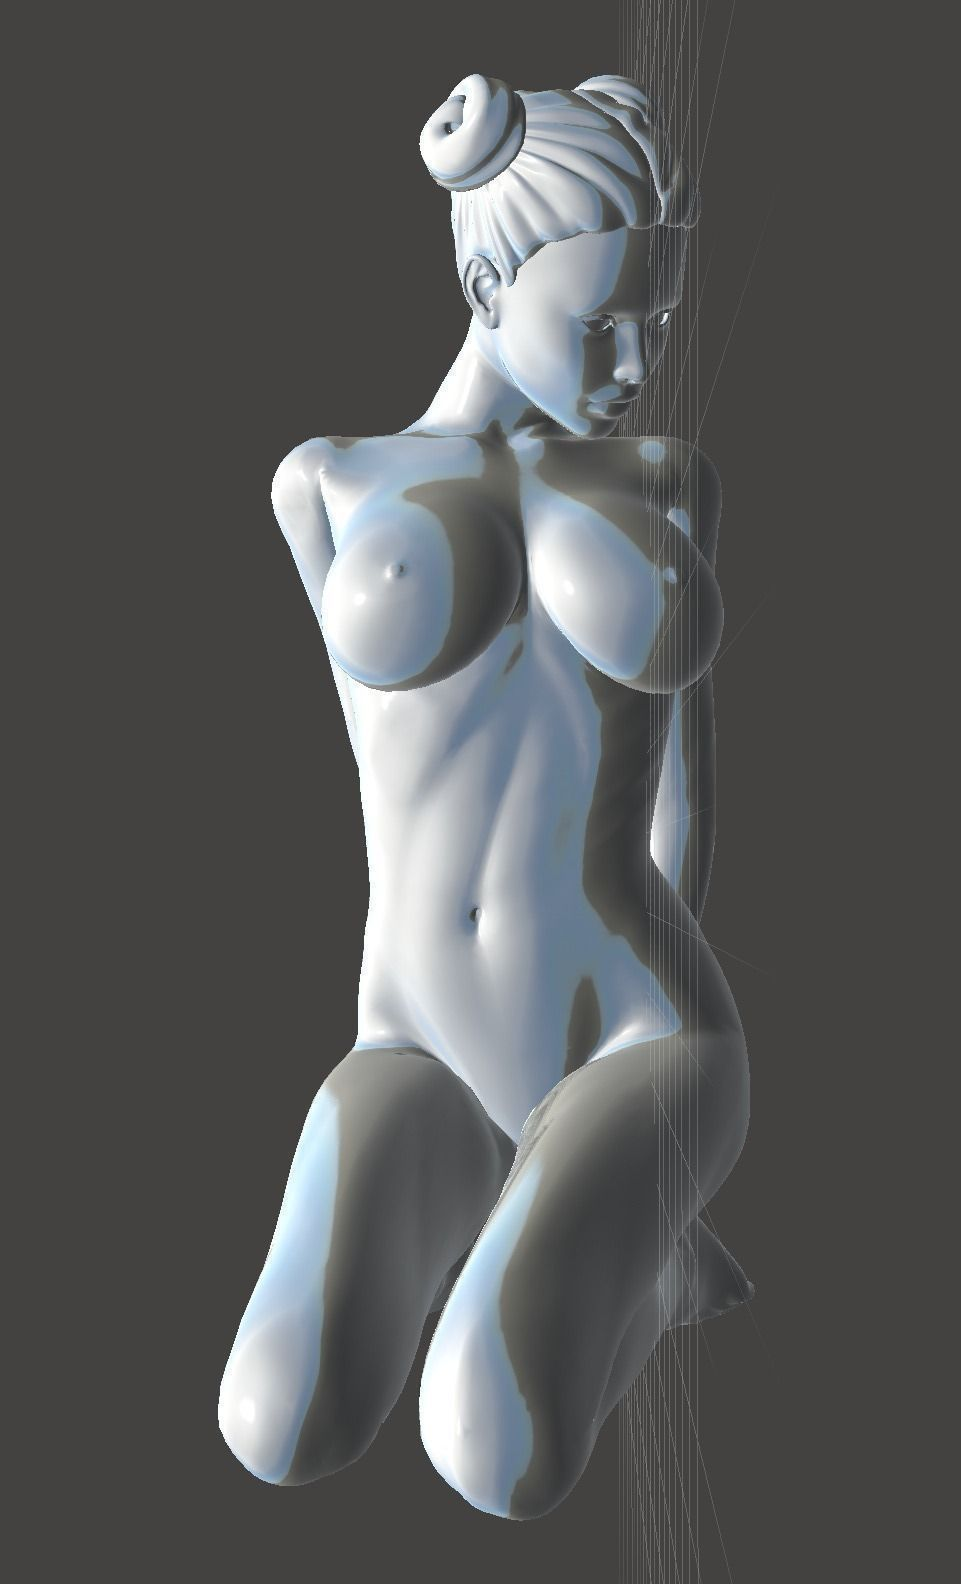 Kneeling Nude Girls Two 3D Model 3D Printable Stl -4205